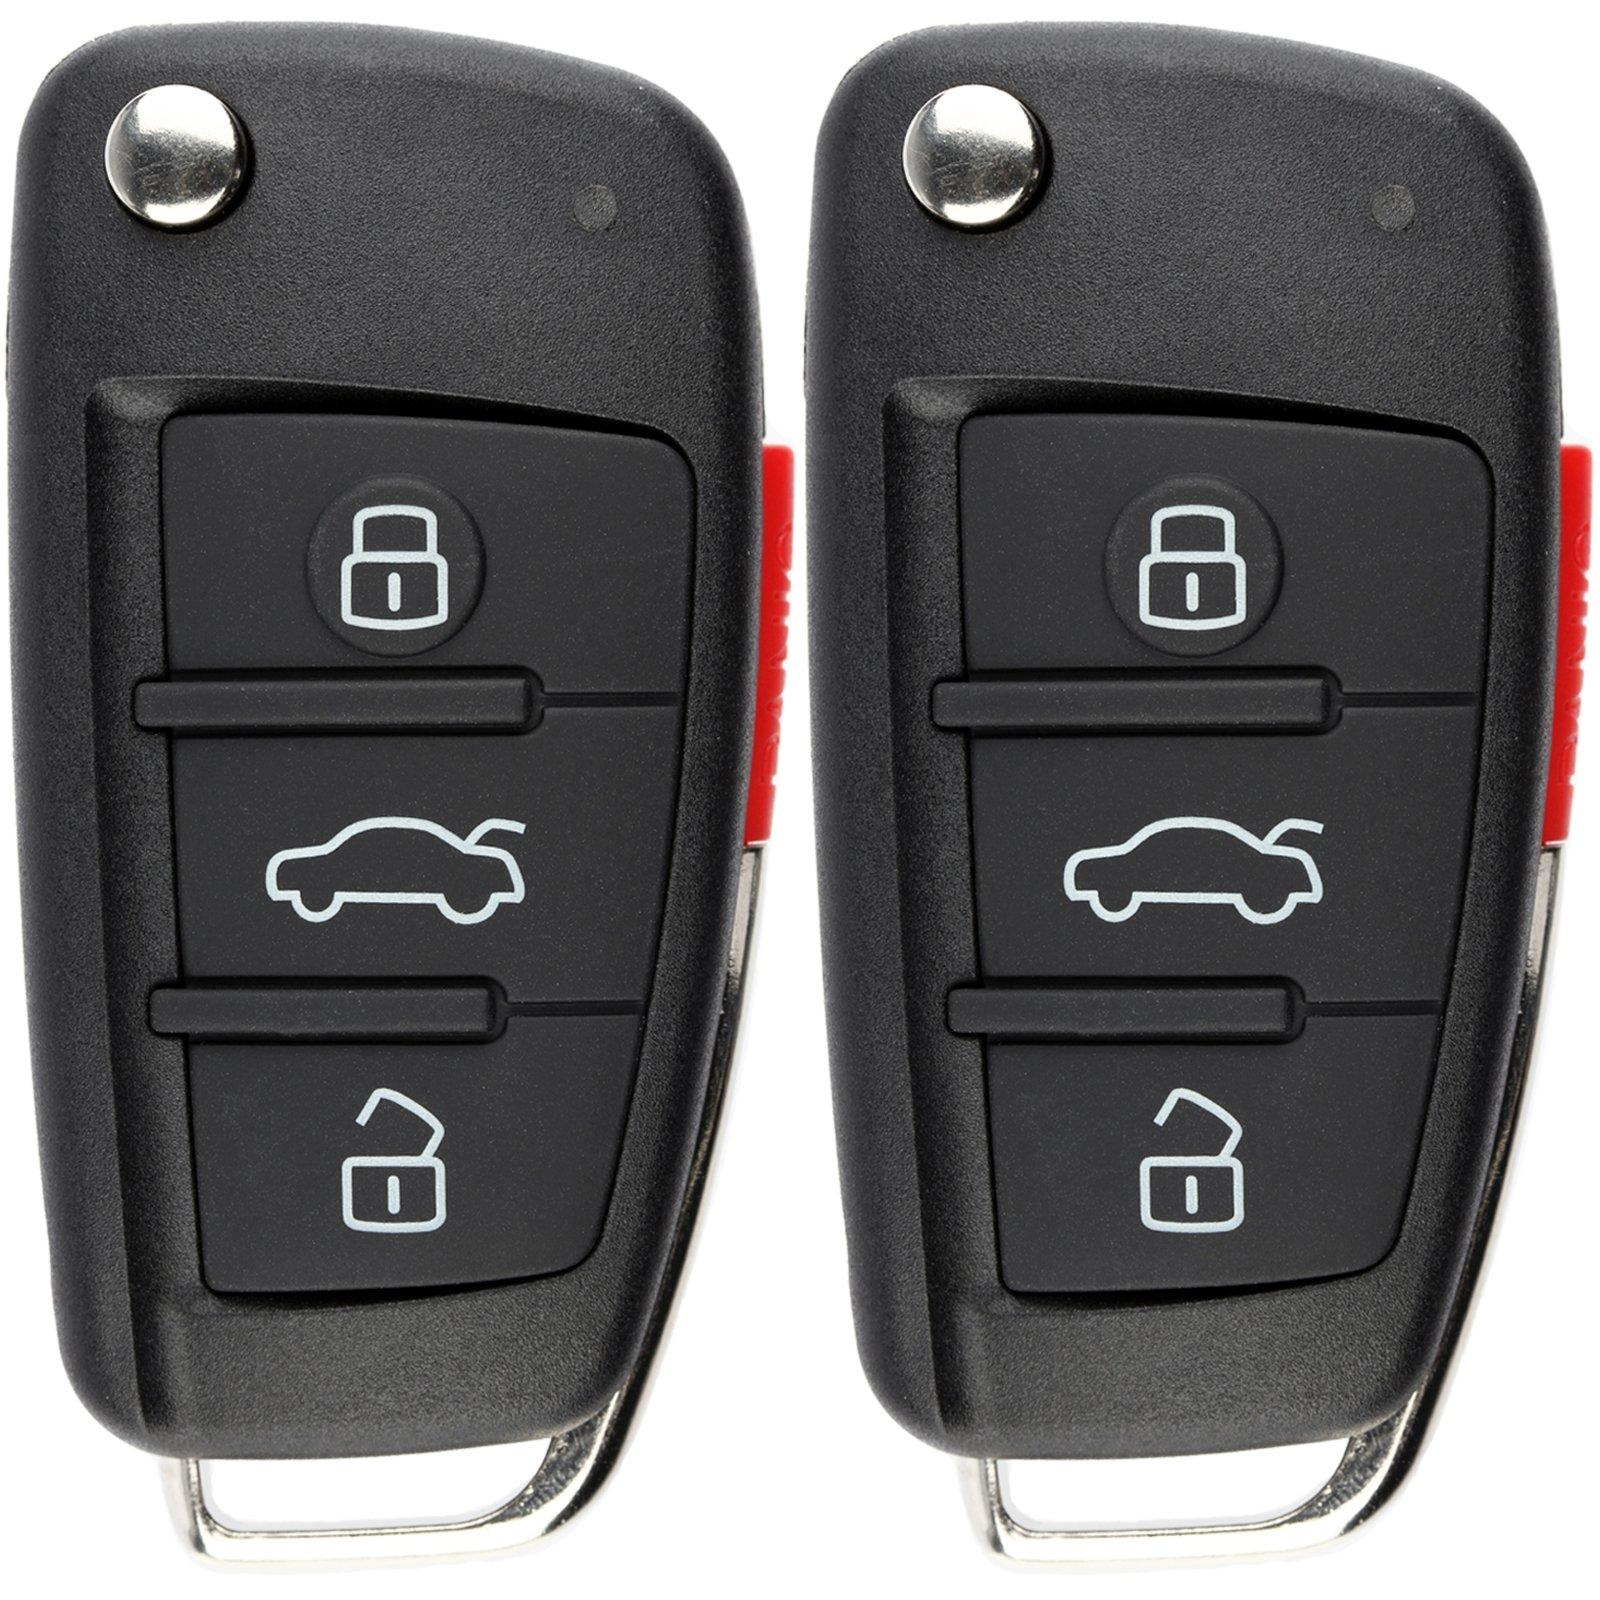 A8 KeylessOption Keyless Entry Remote Fob Car Ignition Flip Key for Audi A4 A6 Quattro